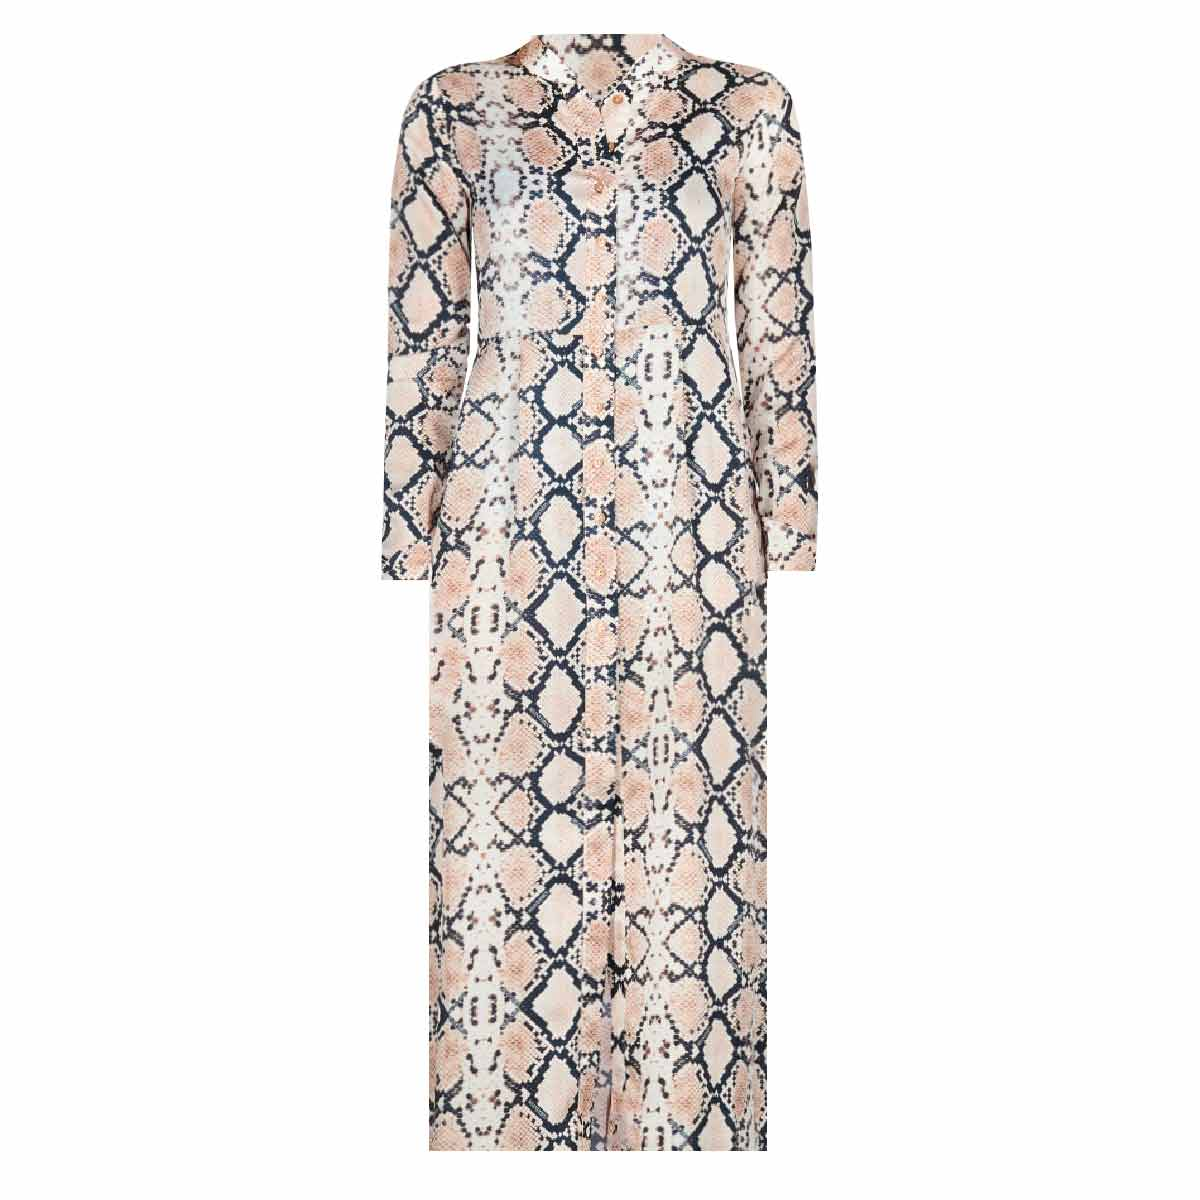 8b8f1d462c050a REINDERS BLOUSE DRESS SNAKE - LOF Boutique